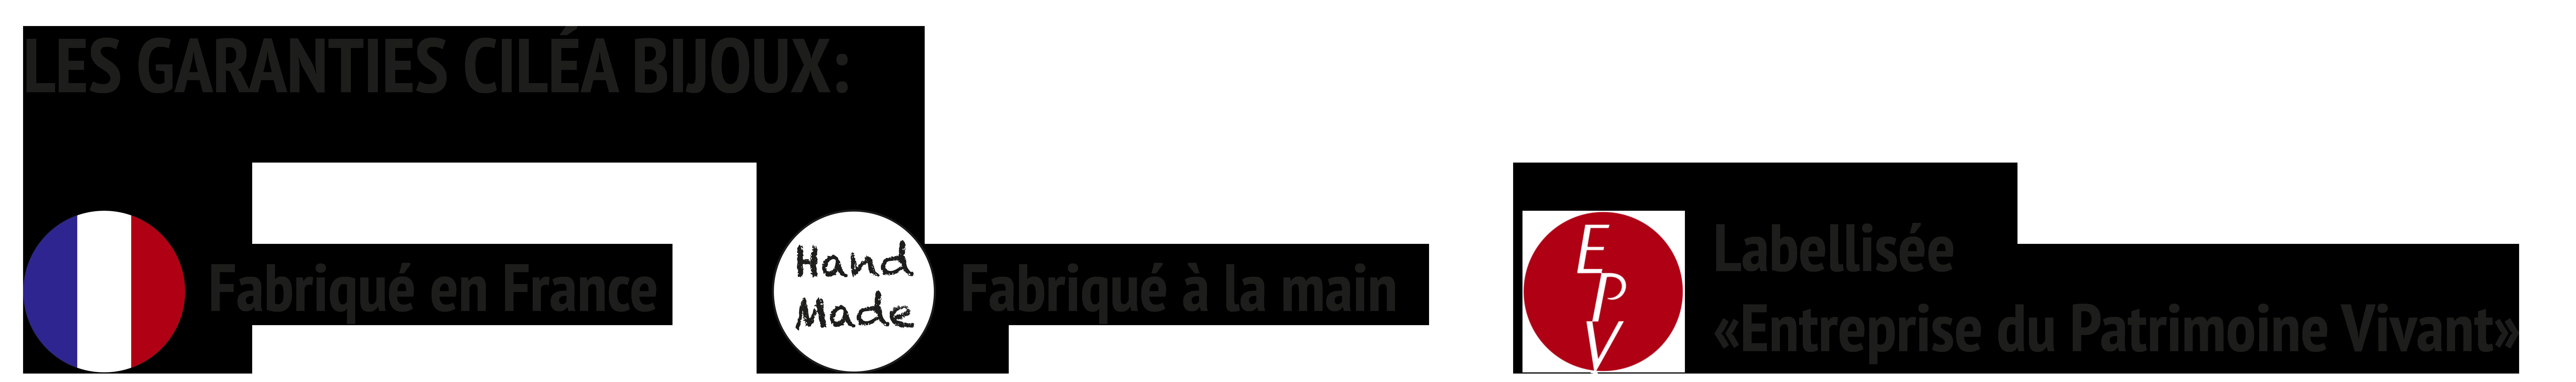 atelier-francais-artisanal